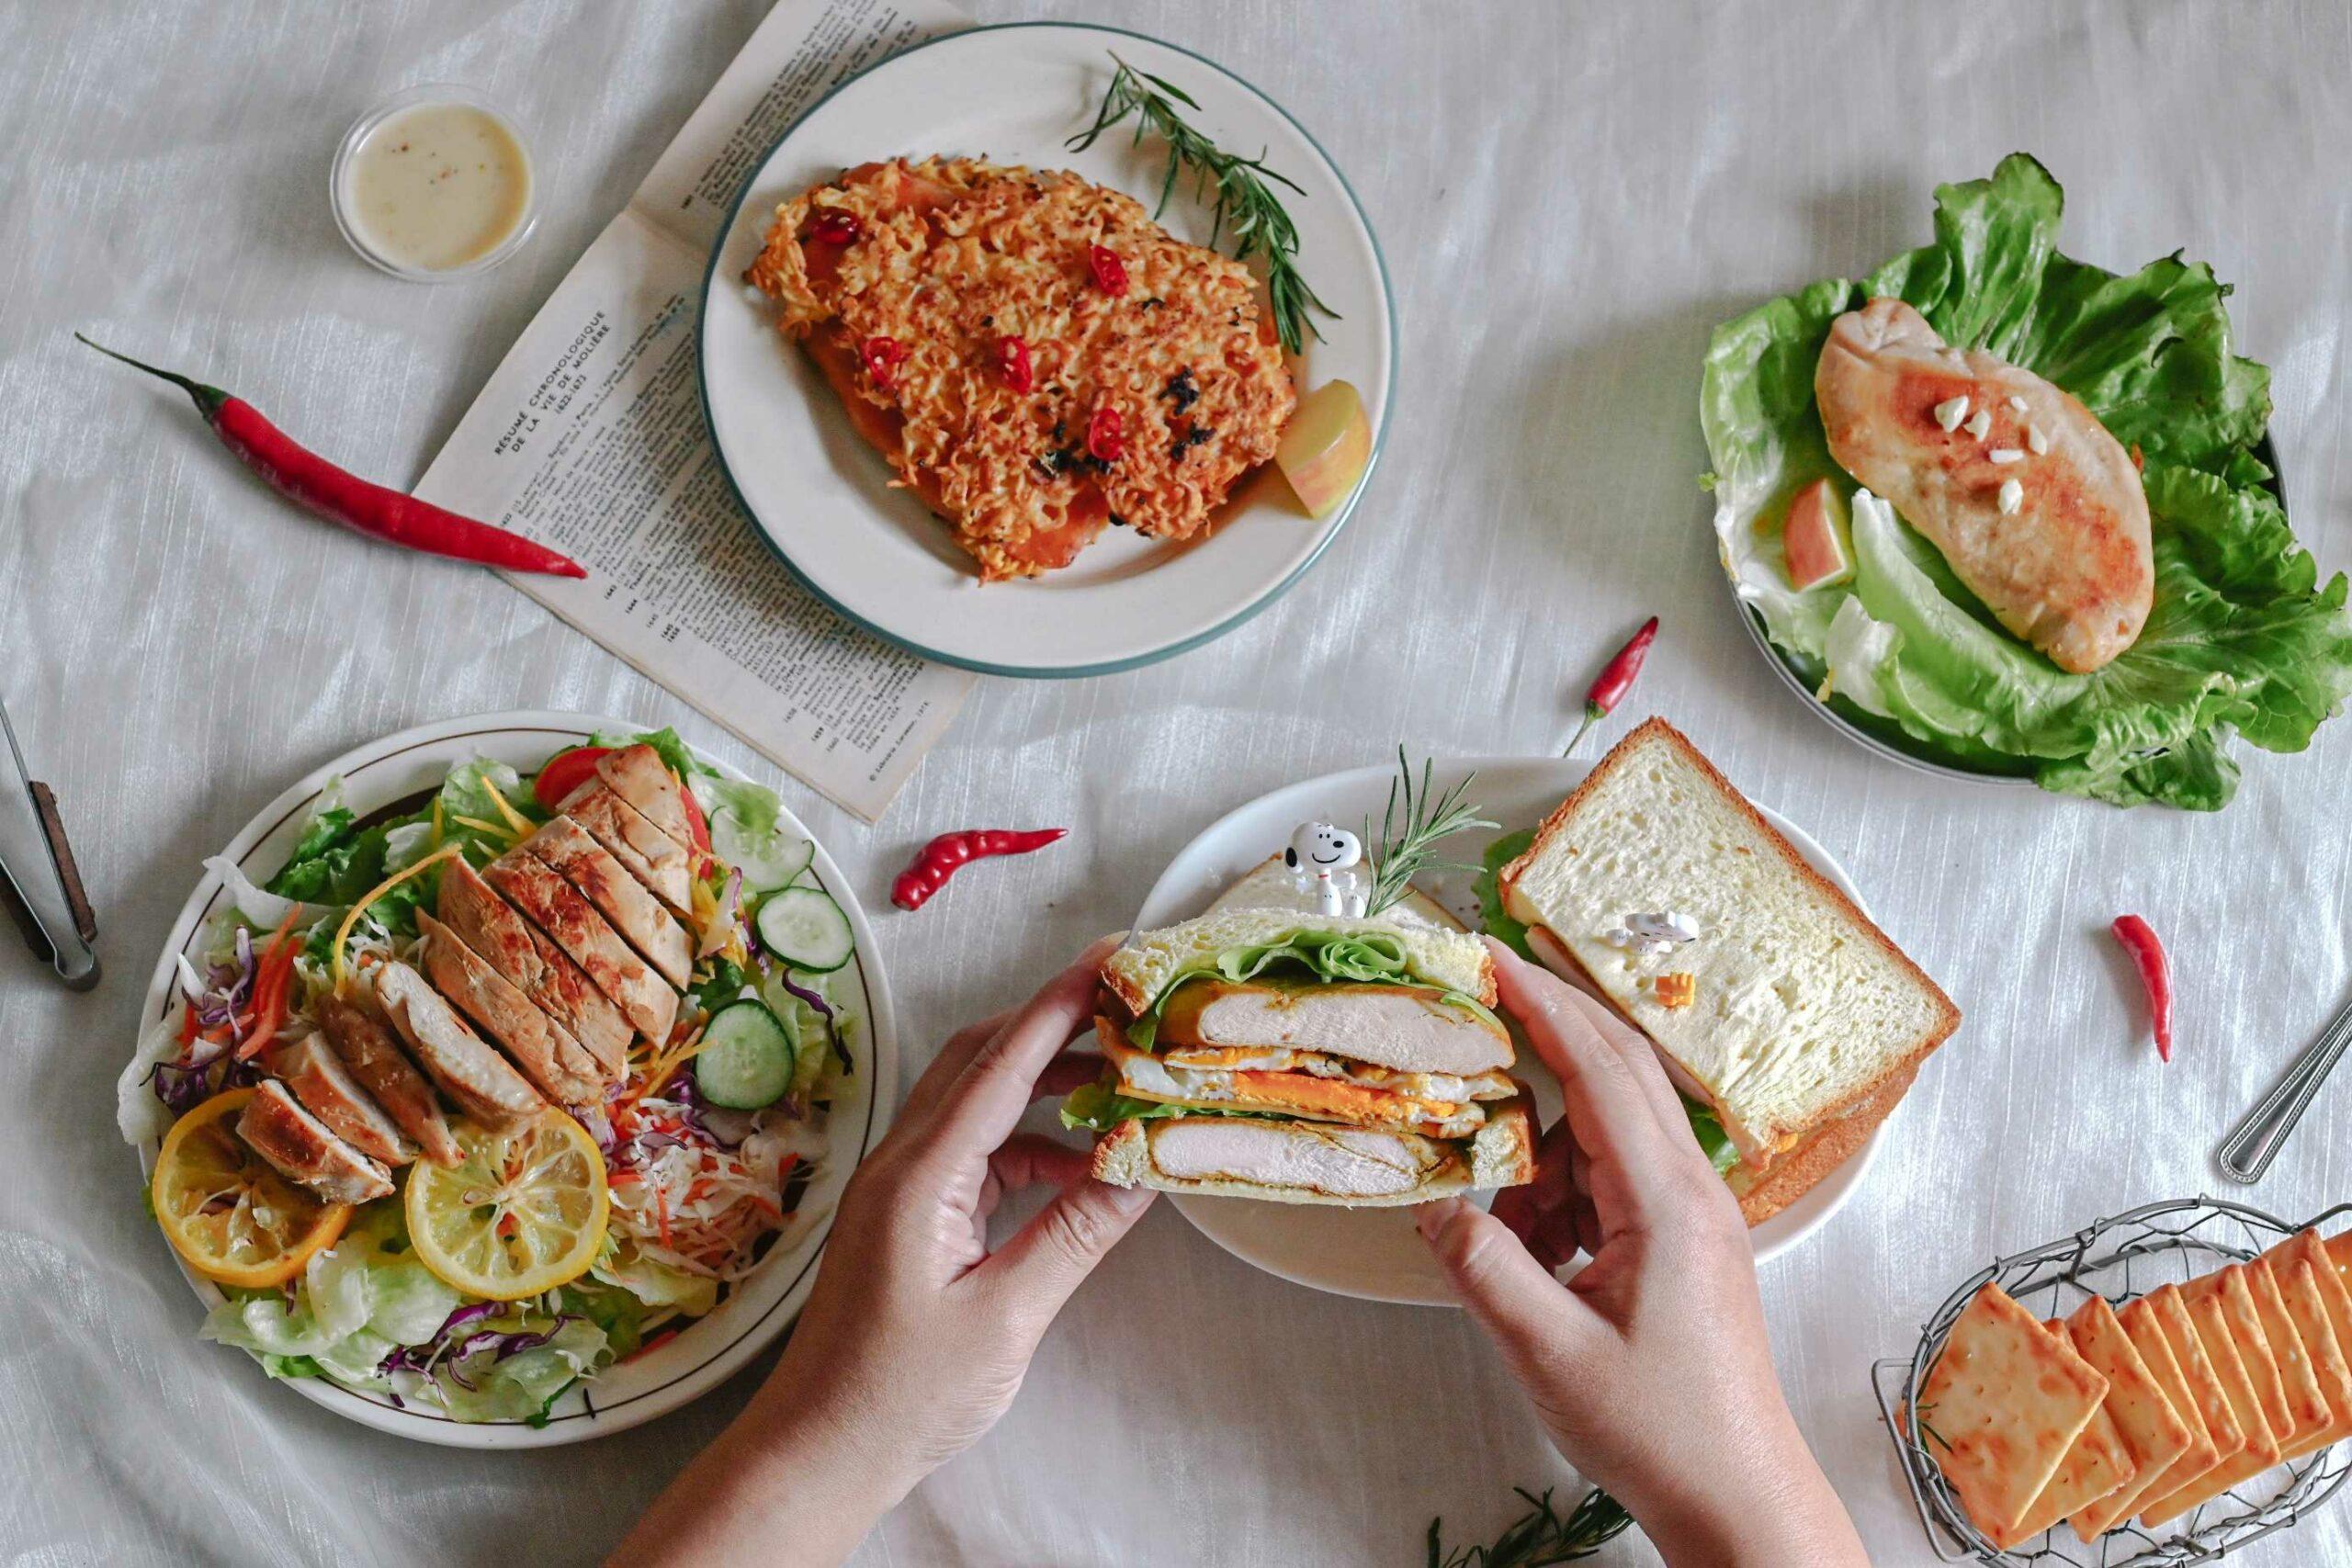 好G力:簡單輕鬆自己動手做優質好食美味即食:增肌減脂好幫手/低碳飲食/食譜 @女子的休假計劃